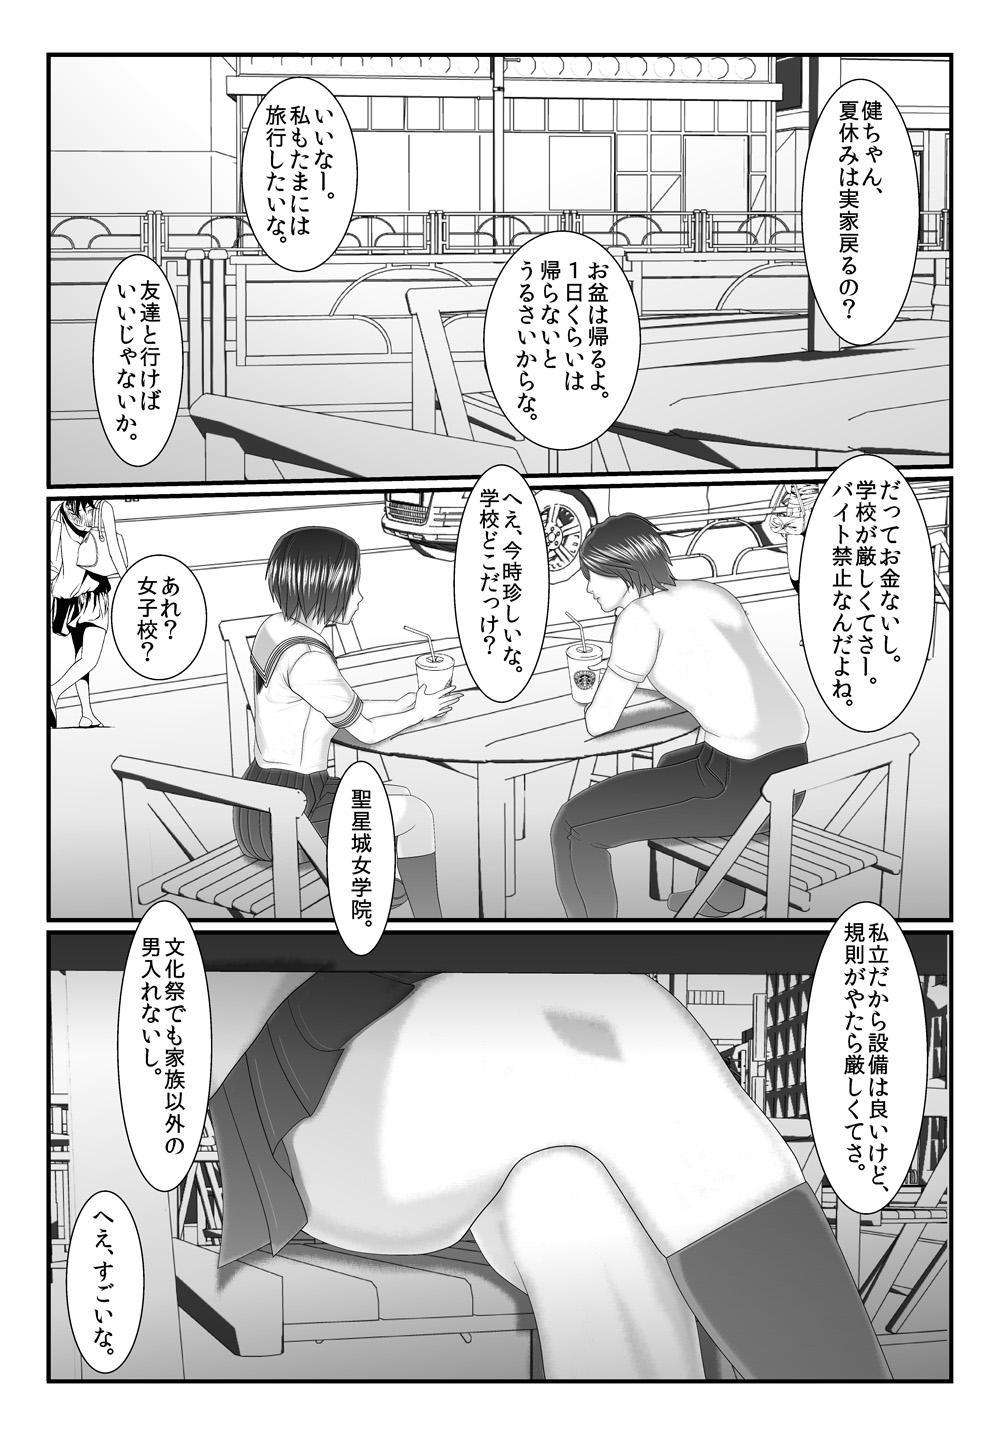 Ore no Juumai ga Razoku de Komaru - Ero Juukei × Juumai 10